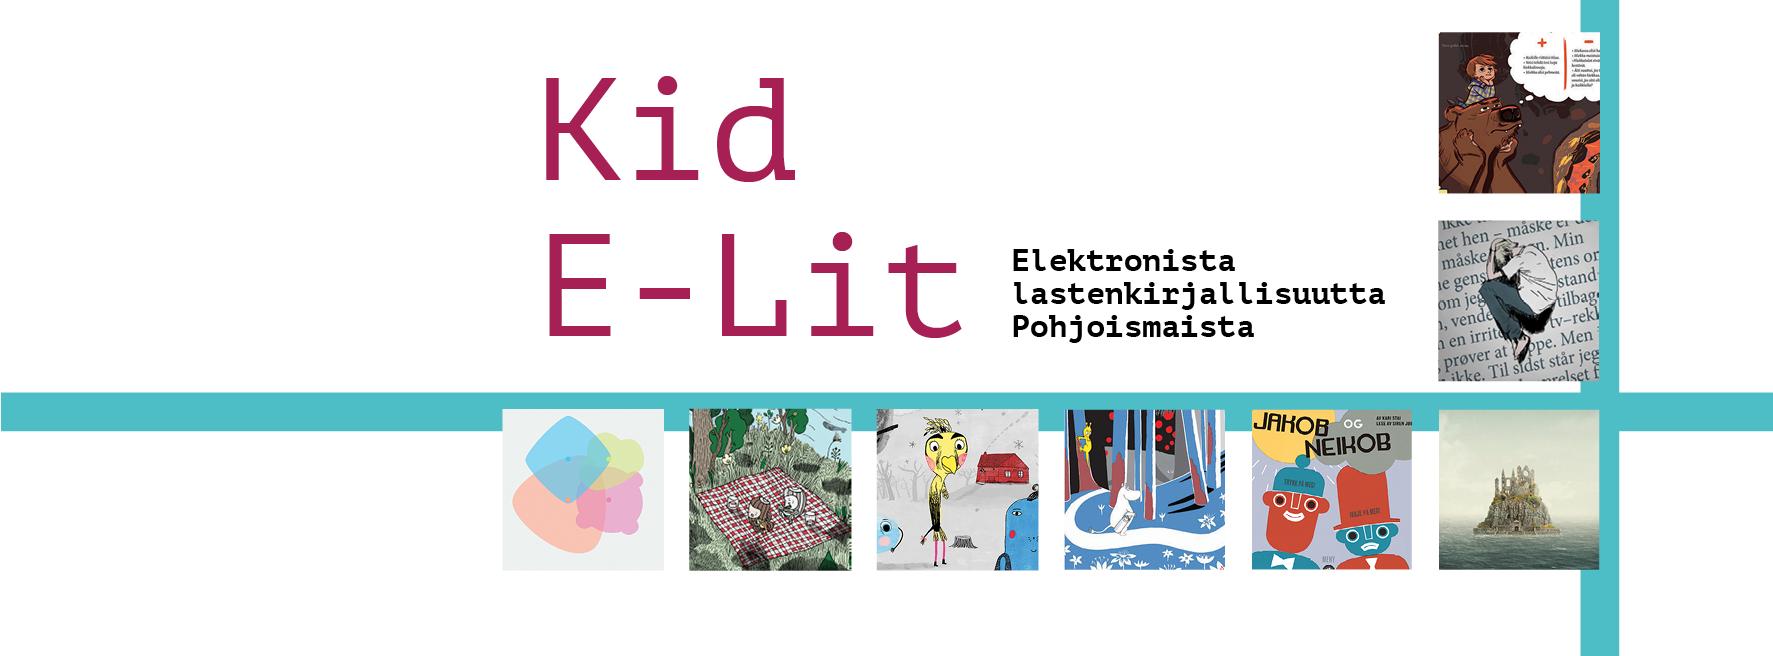 Kid E-lit Elektronista lastenkirjallisuutta Pohjoismaista -tunnuskuva.